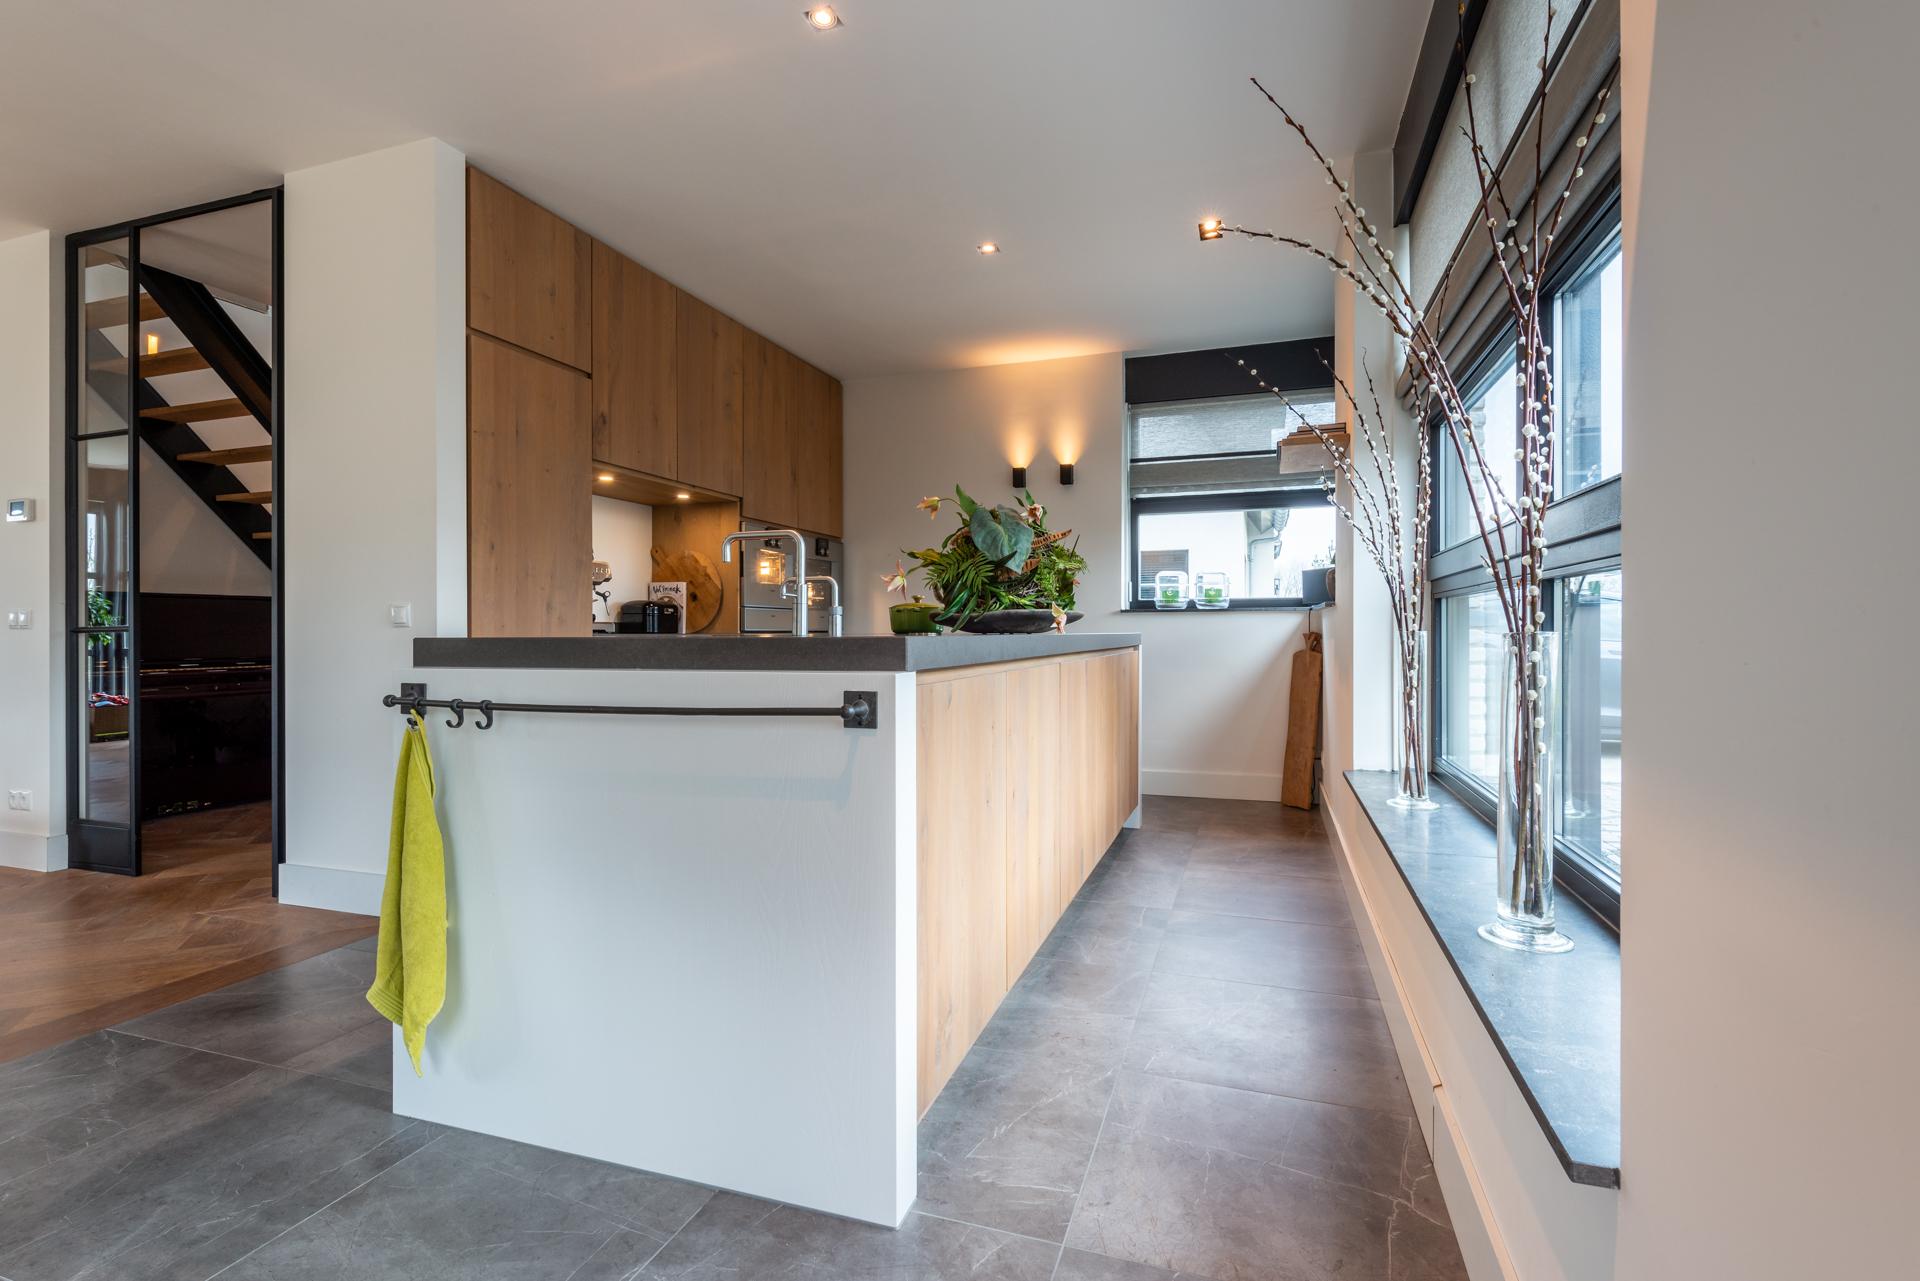 Luxe eiken houten keuken met exclusief Gaggenau inbouwapparatuur